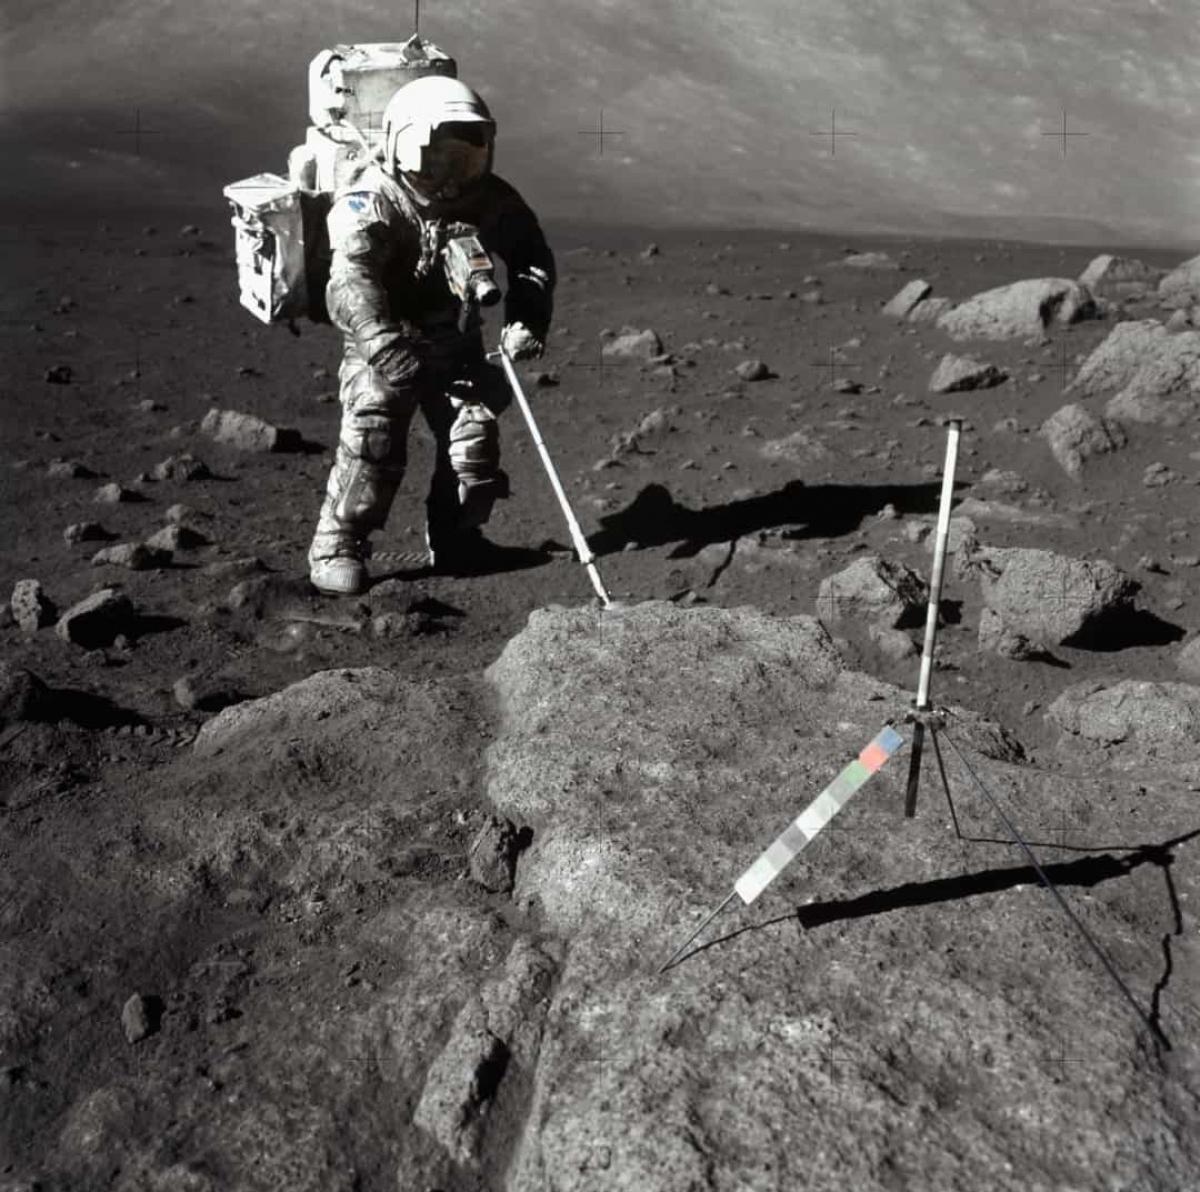 Bề mặt của Mặt Trăng là chất rắn.Sau khi phân tích các mẫu vật tìm thấy trên Mặt Trăng, các nhà nghiên cứu xác định rằng bề mặt của Mặt Trăng được tạo thành từ hỗn hợp bụi và đá.